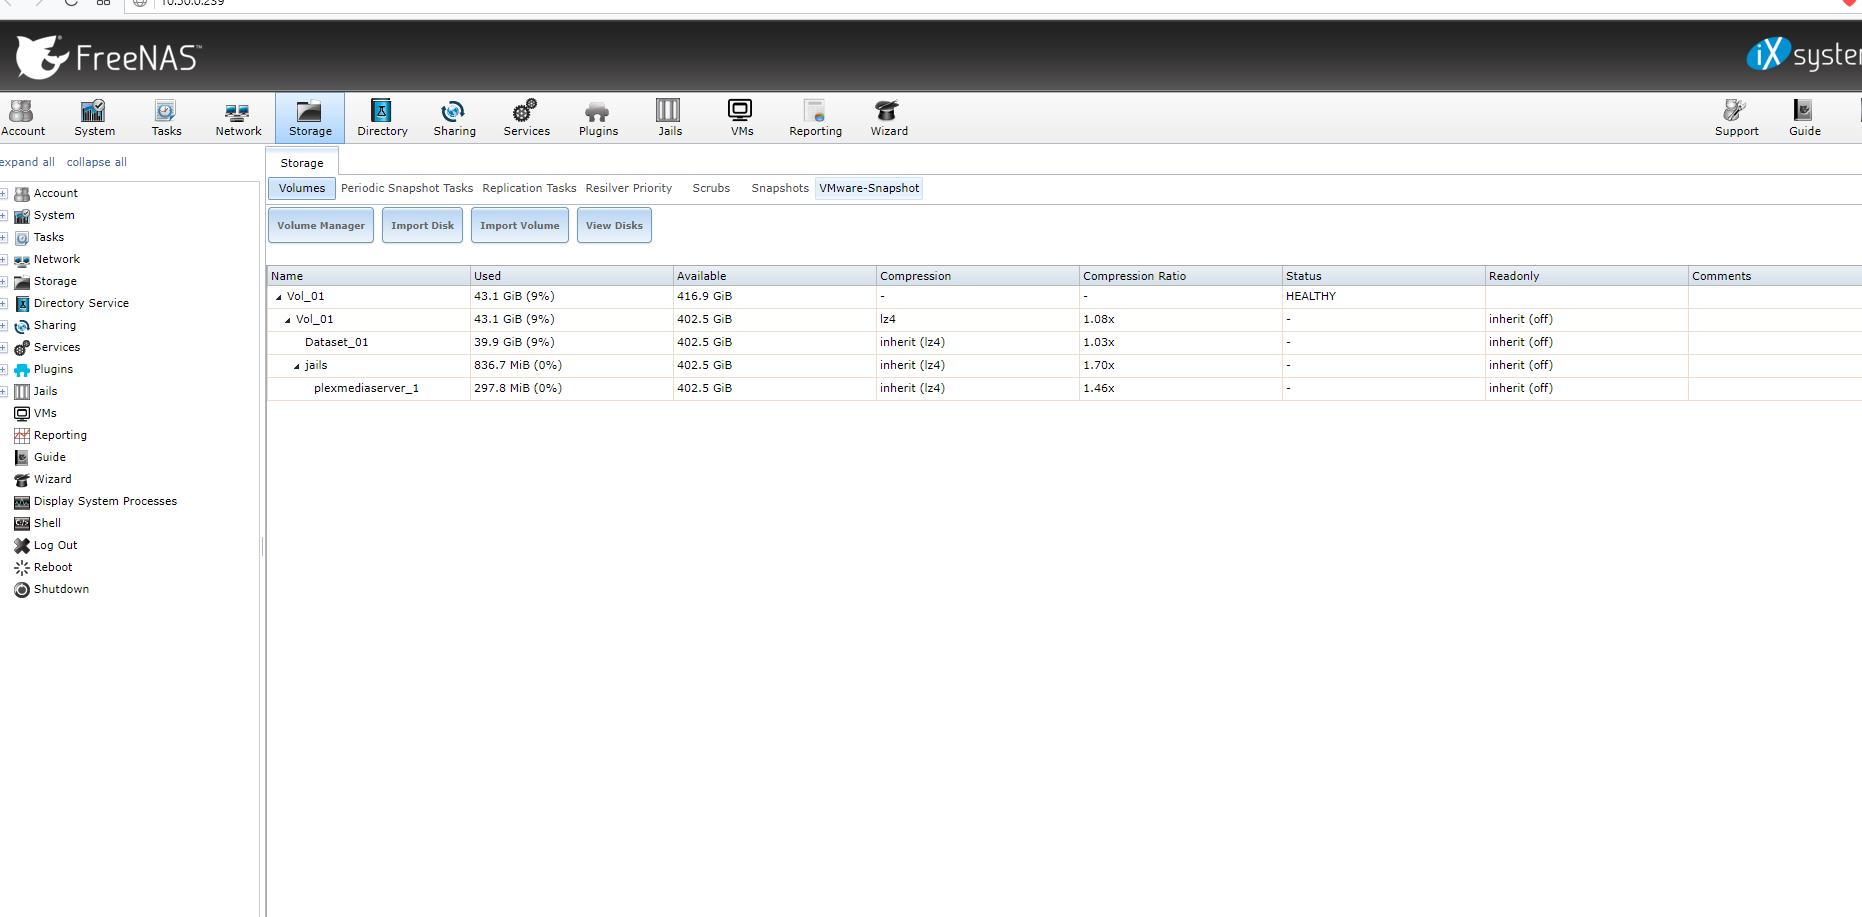 FreeNAS 11 1-U2 Plex Jail issues | iXsystems Community